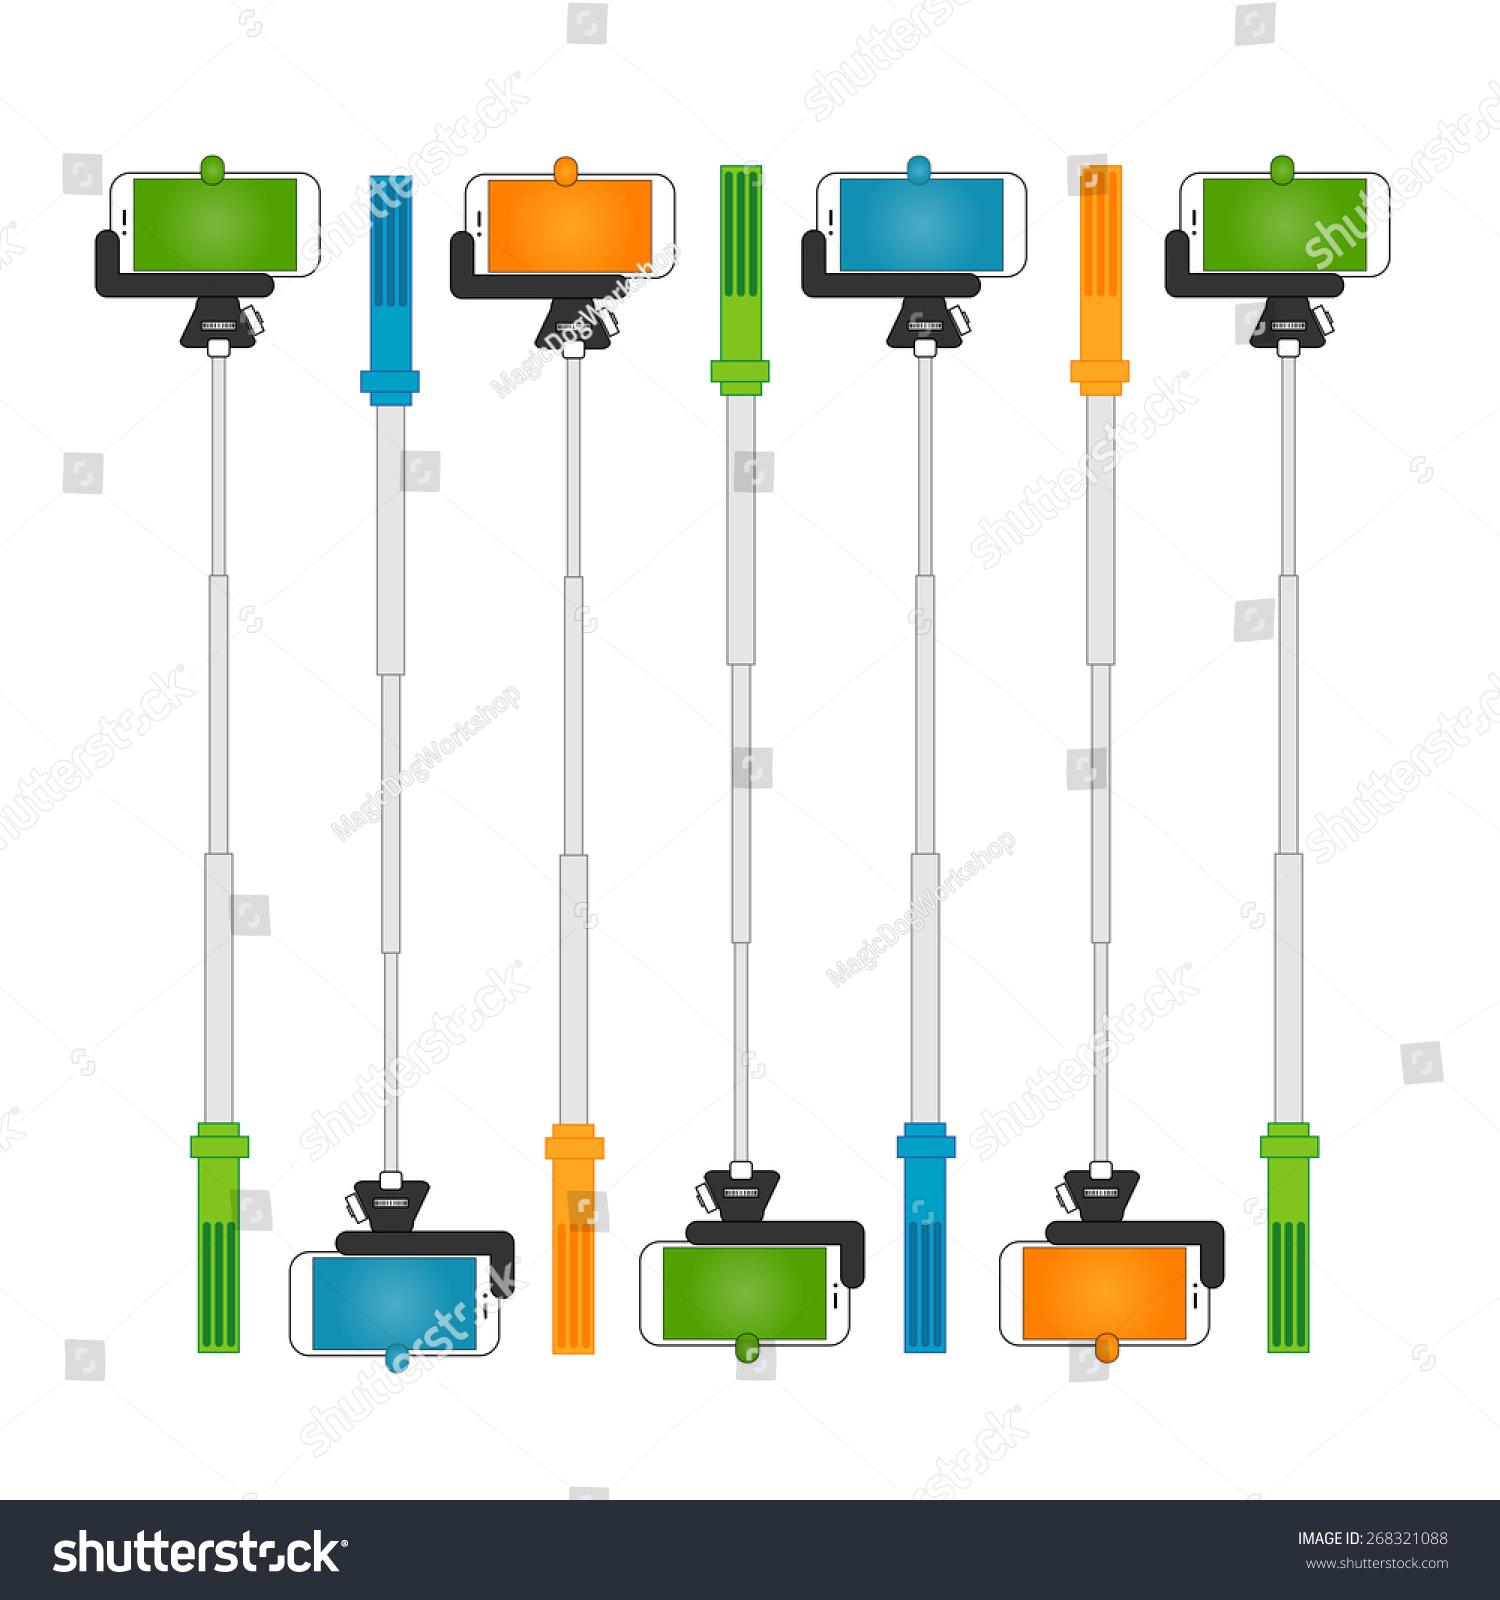 selfie stick illustration stock vector 268321088 shutterstock. Black Bedroom Furniture Sets. Home Design Ideas